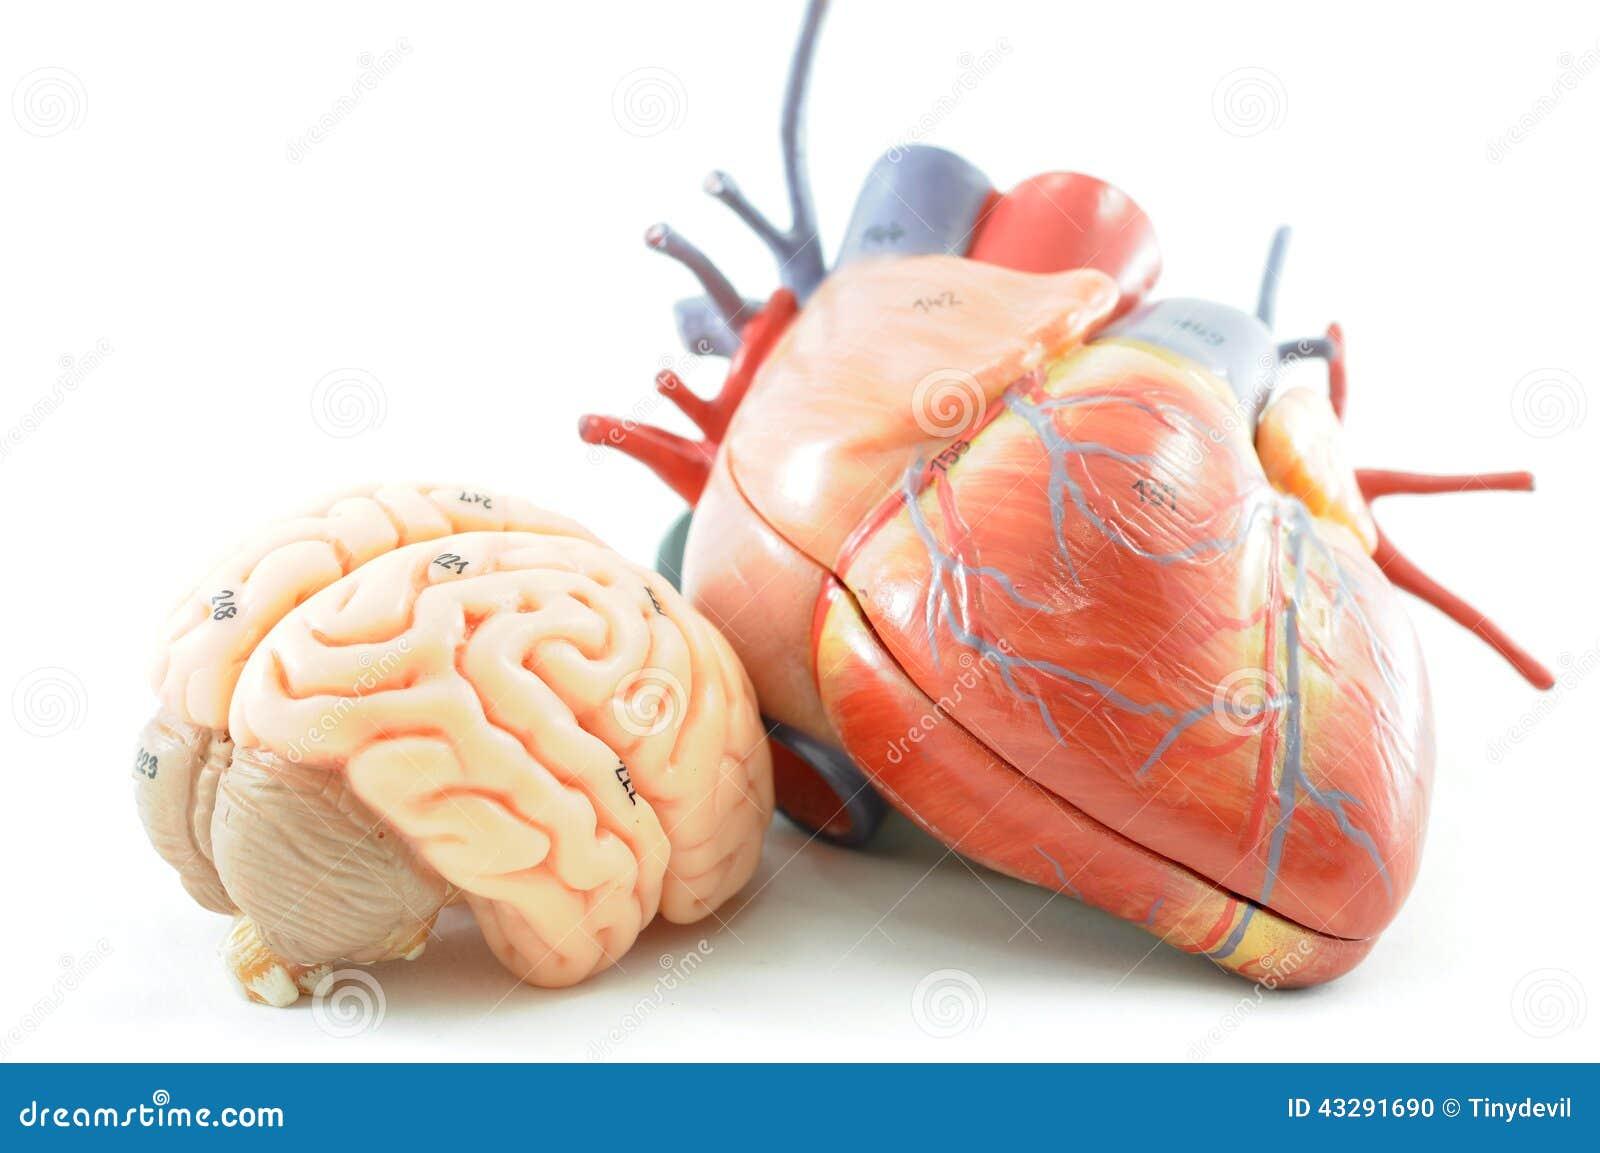 Contemporáneo La Anatomía Del Corazón Ovejas Imágenes - Imágenes de ...